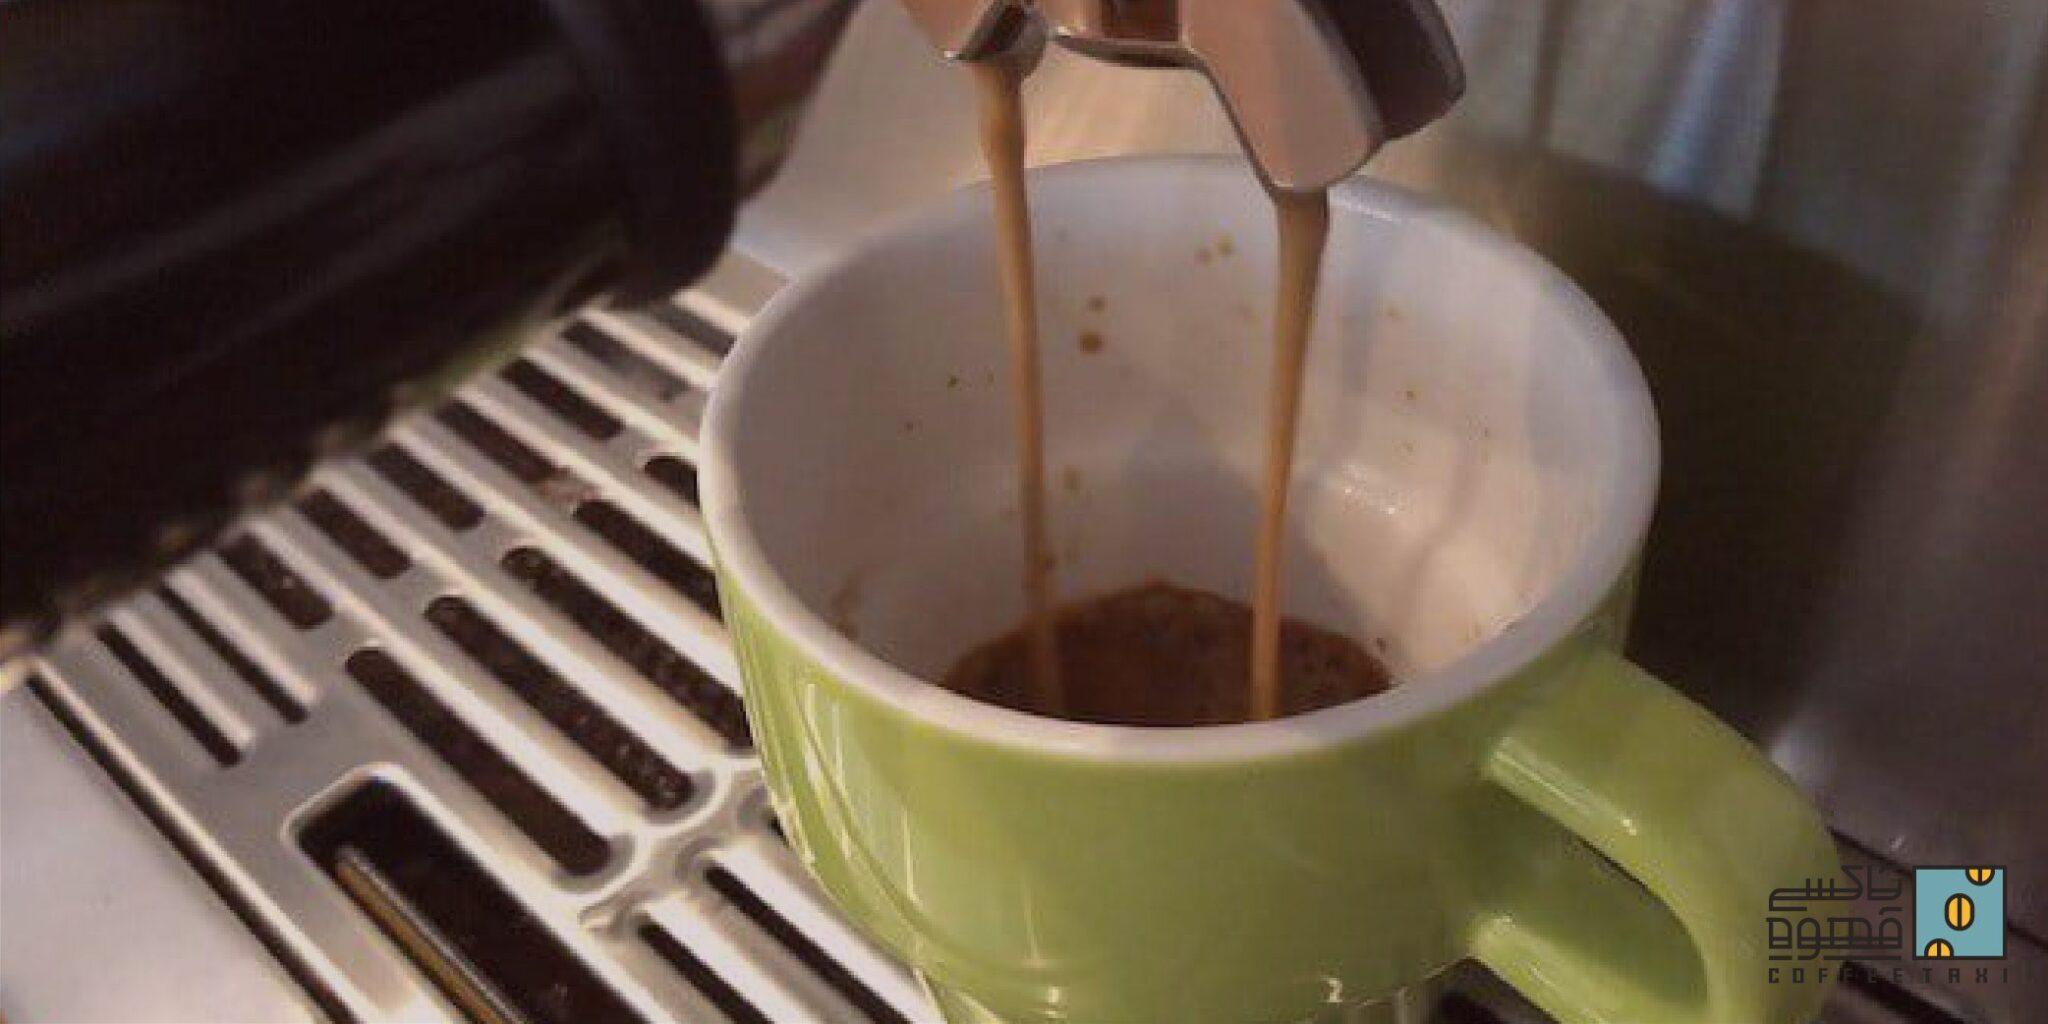 نکاتی برای حرفه ایی شدن قهوه اسپرسو در خانه